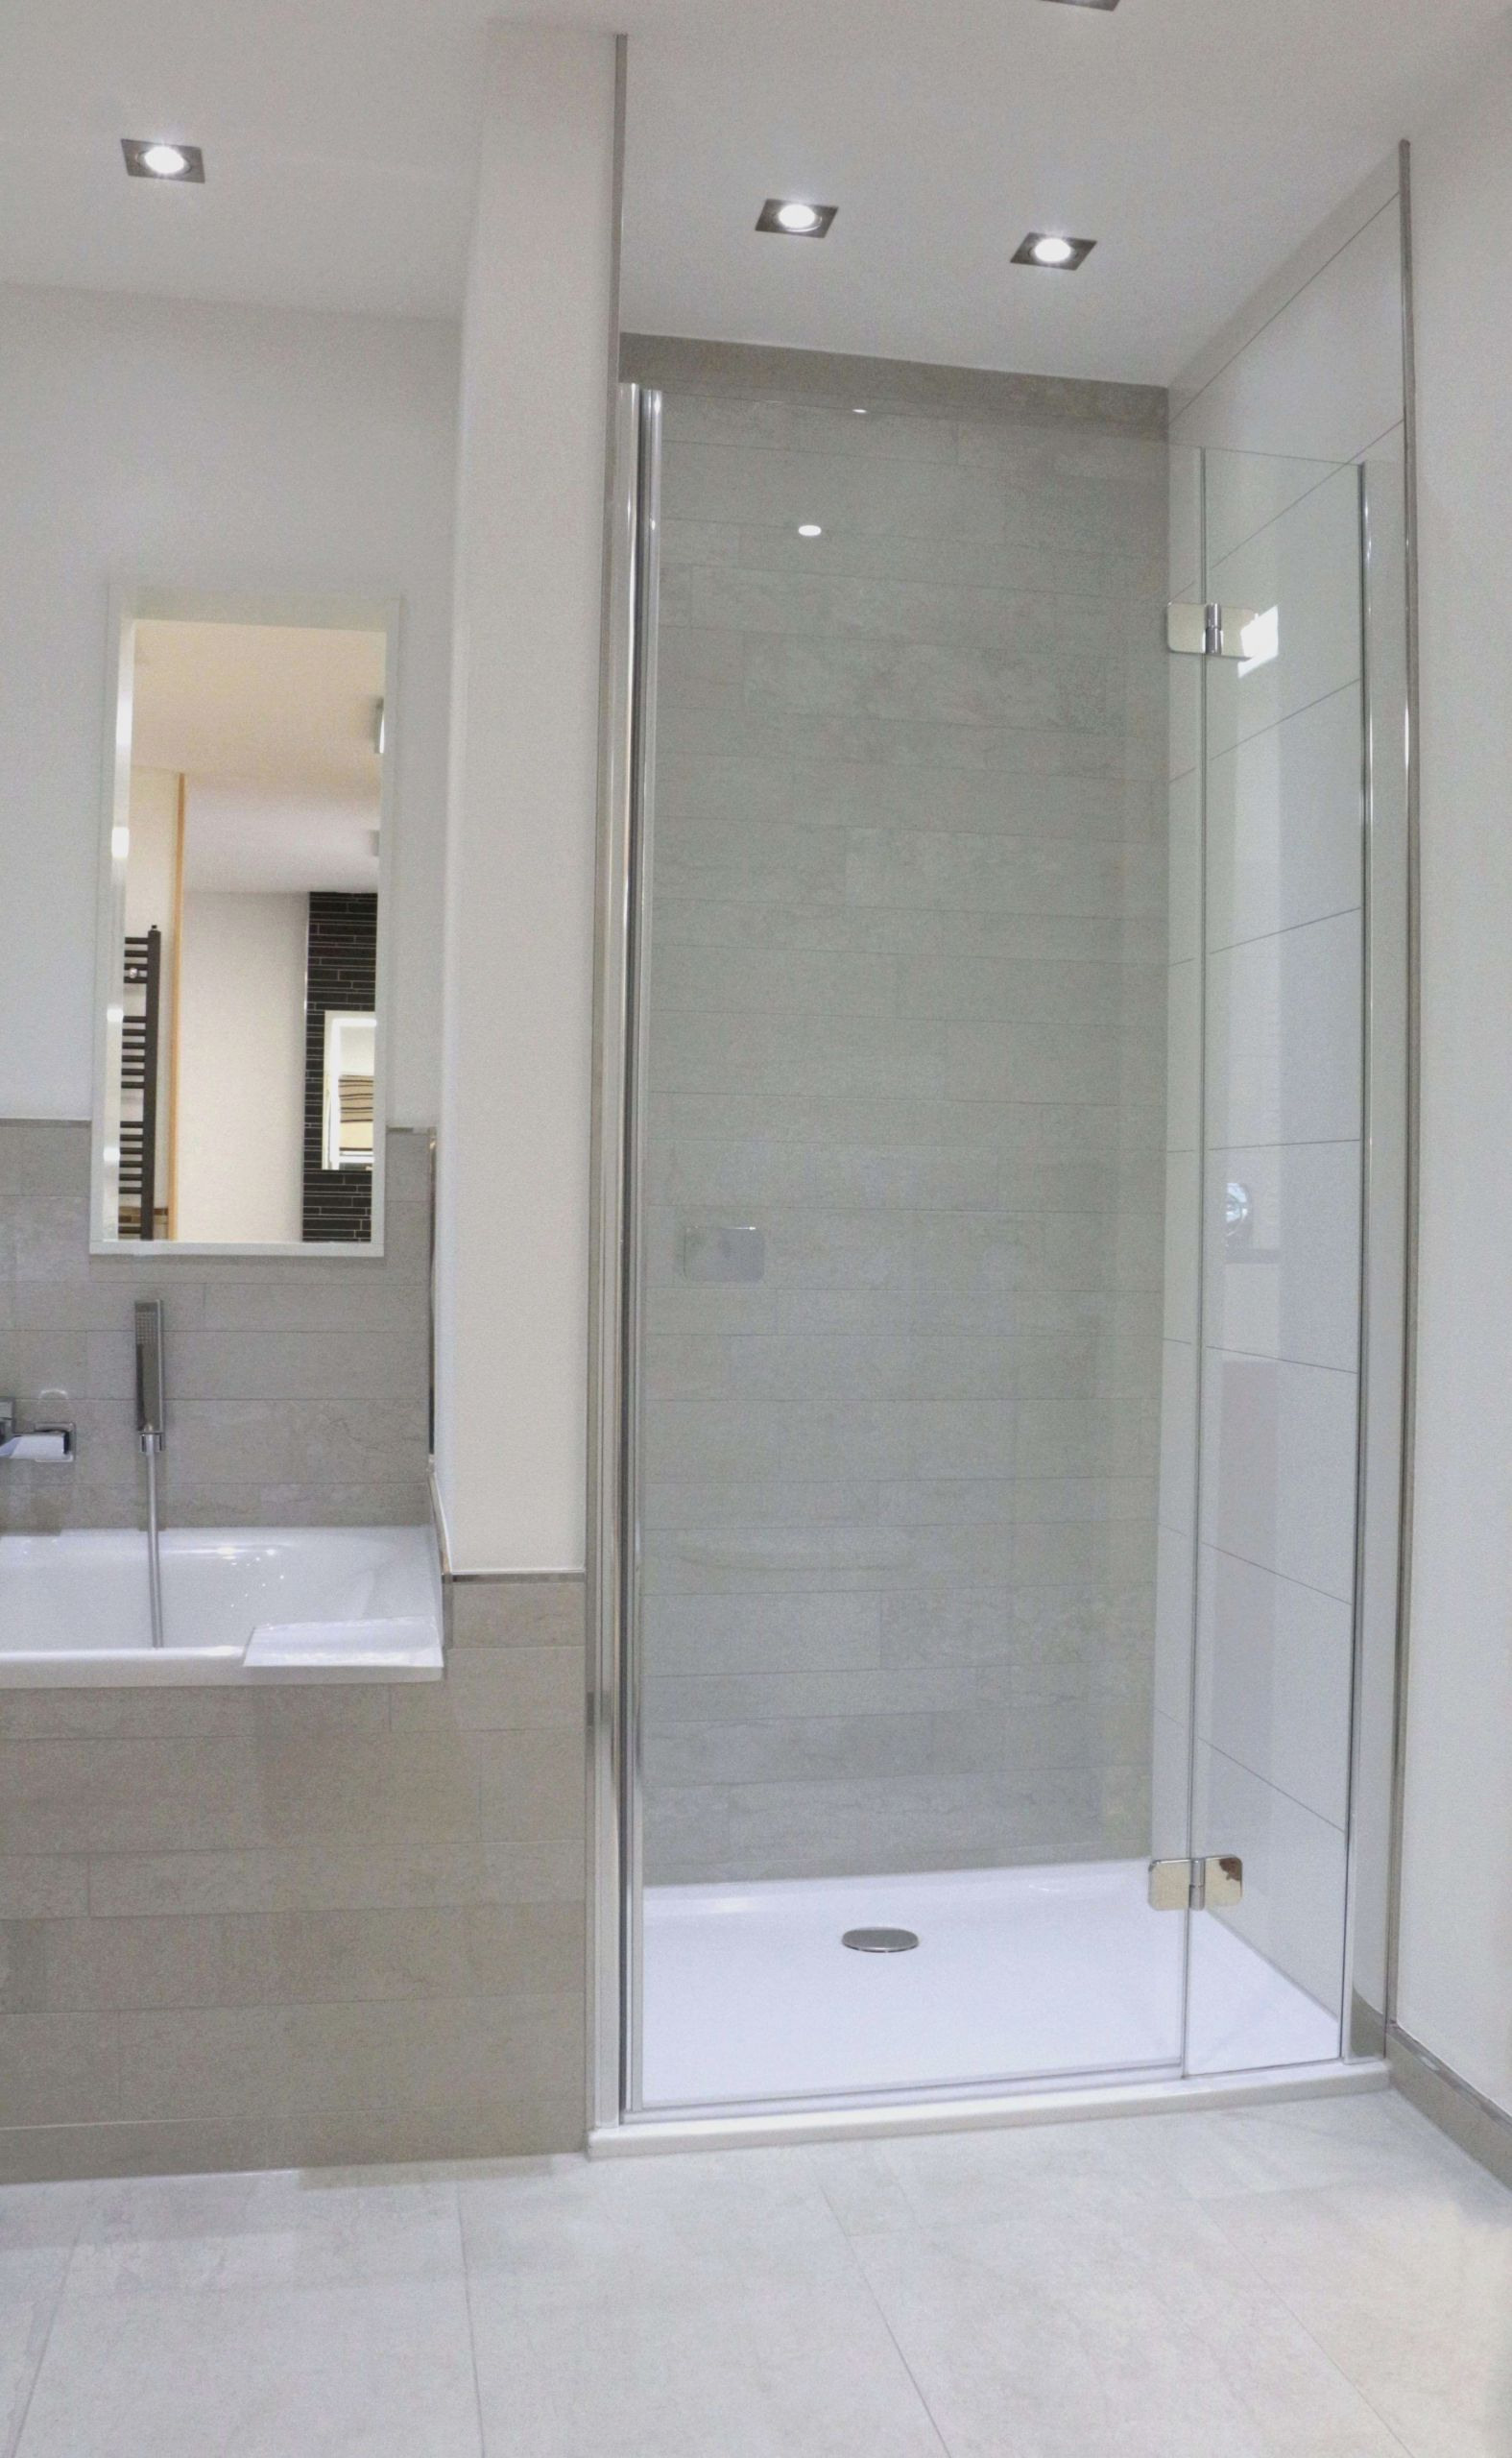 Full Size of Dusche Bodengleich Ebenerdige Ablauf Begehbare Fliesen Bodengleiche Duschen Schiebetür Badewanne Kosten Kaufen Unterputz Behindertengerechte Glastrennwand Dusche Dusche Bodengleich